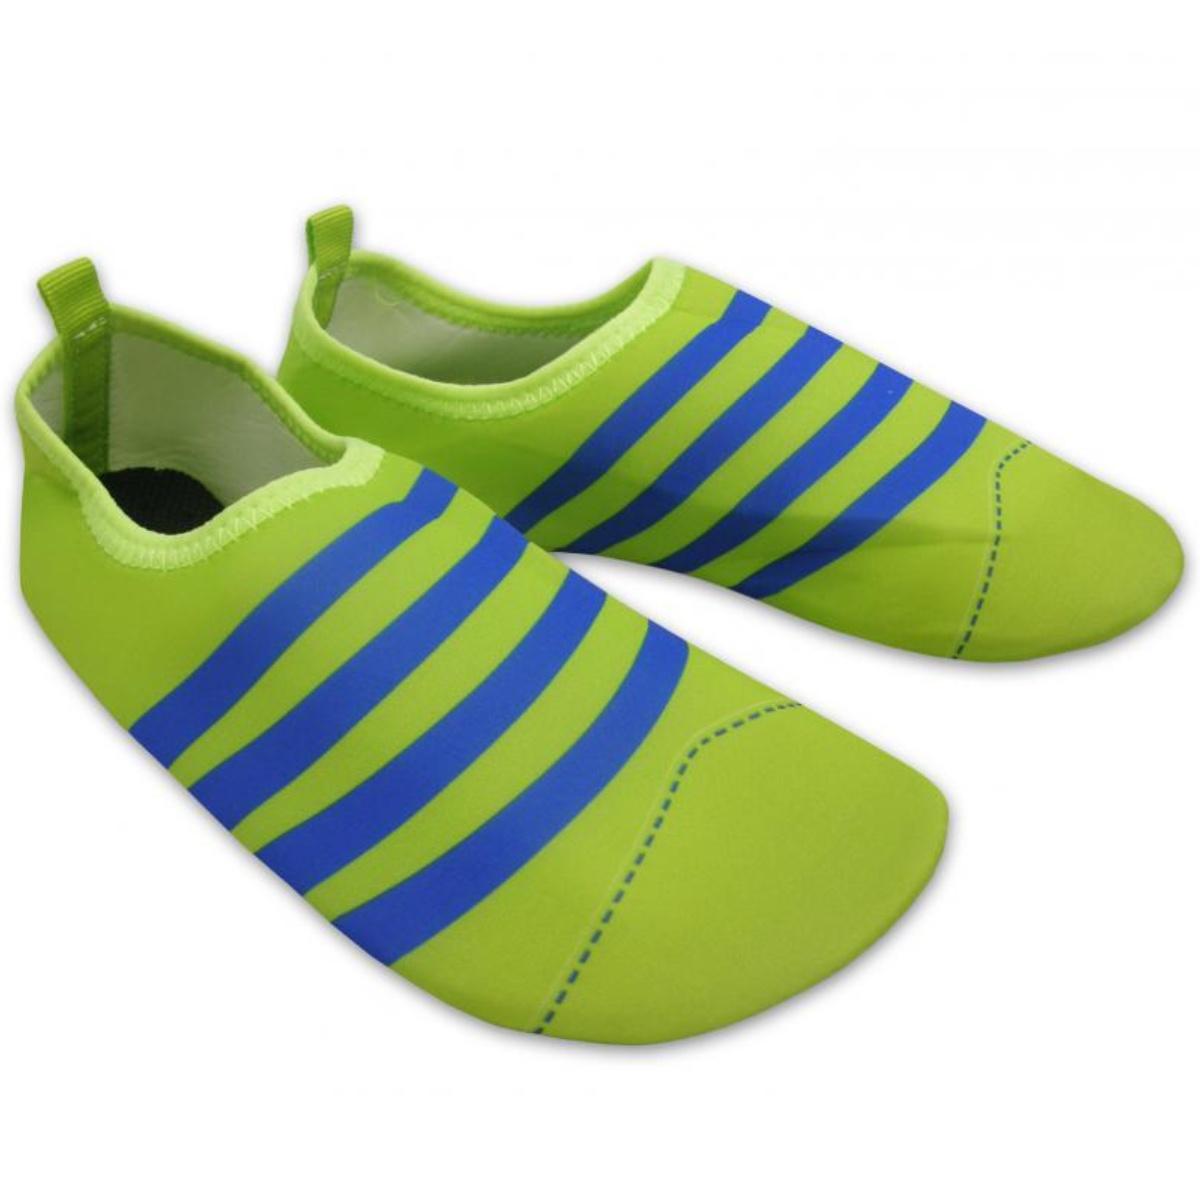 Topánky do vody SEDCO Strips zelené - veľ. 41-42